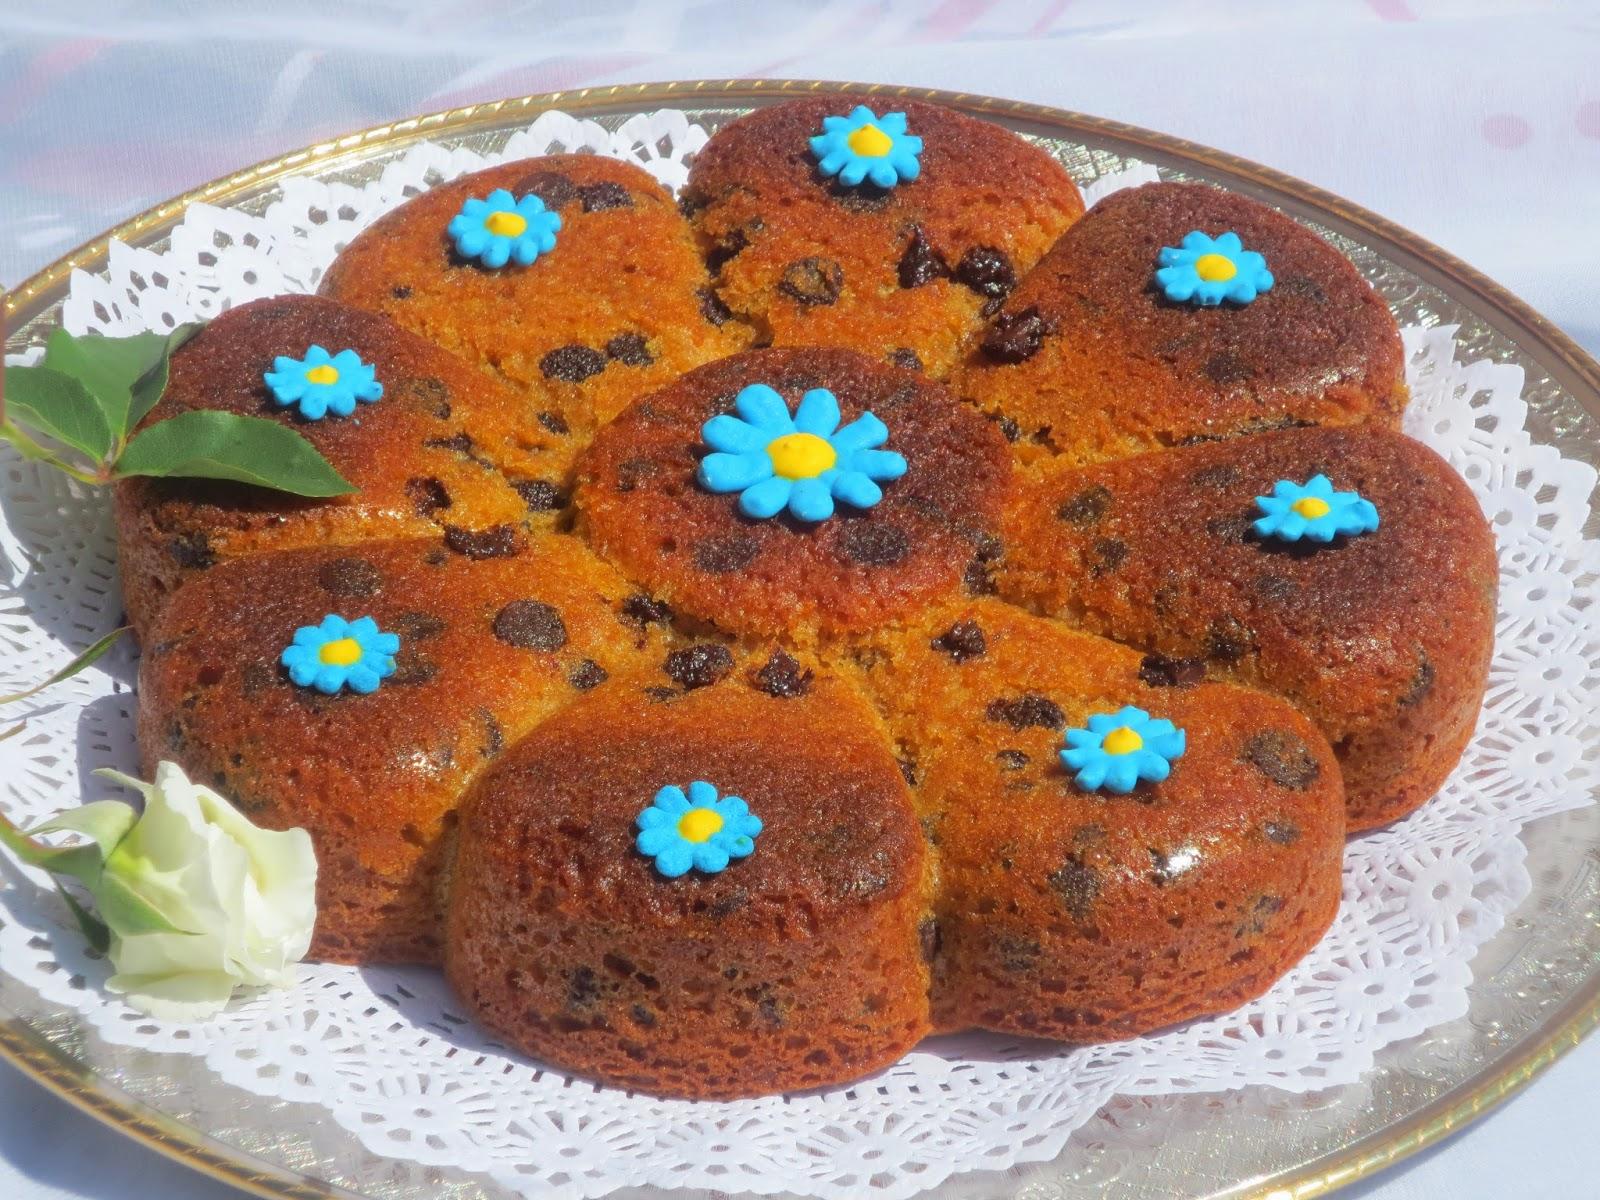 Bizcocho de galletas y chocolate Ana Sevilla cocina tradicional